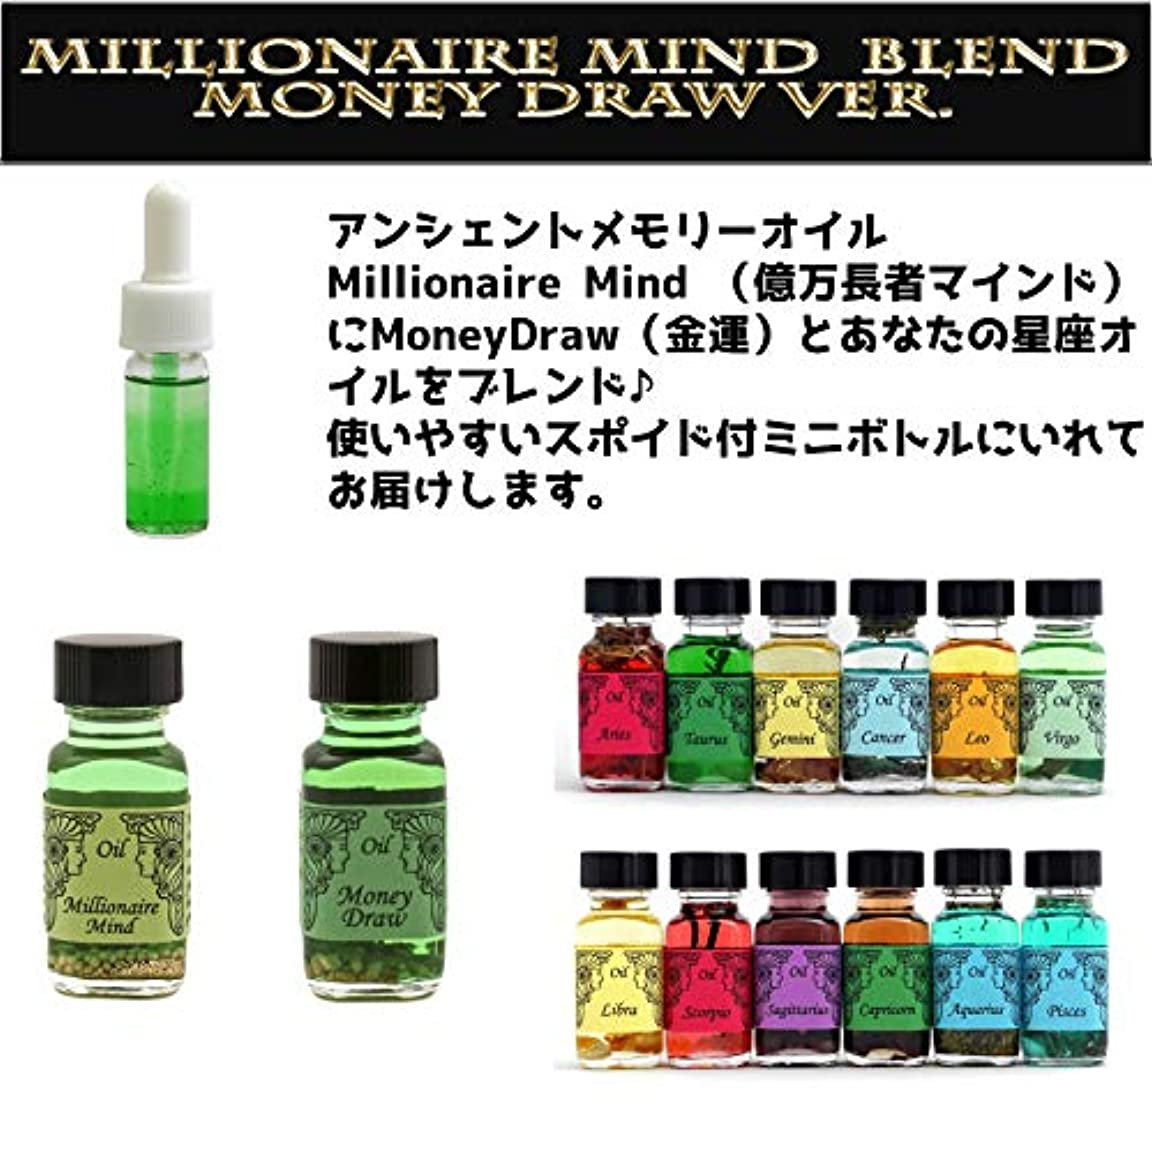 十選出する愚かアンシェントメモリーオイル Millionaire Mind 億万長者マインド ブレンド(Money Drawマネードロー(金運)&おひつじ座